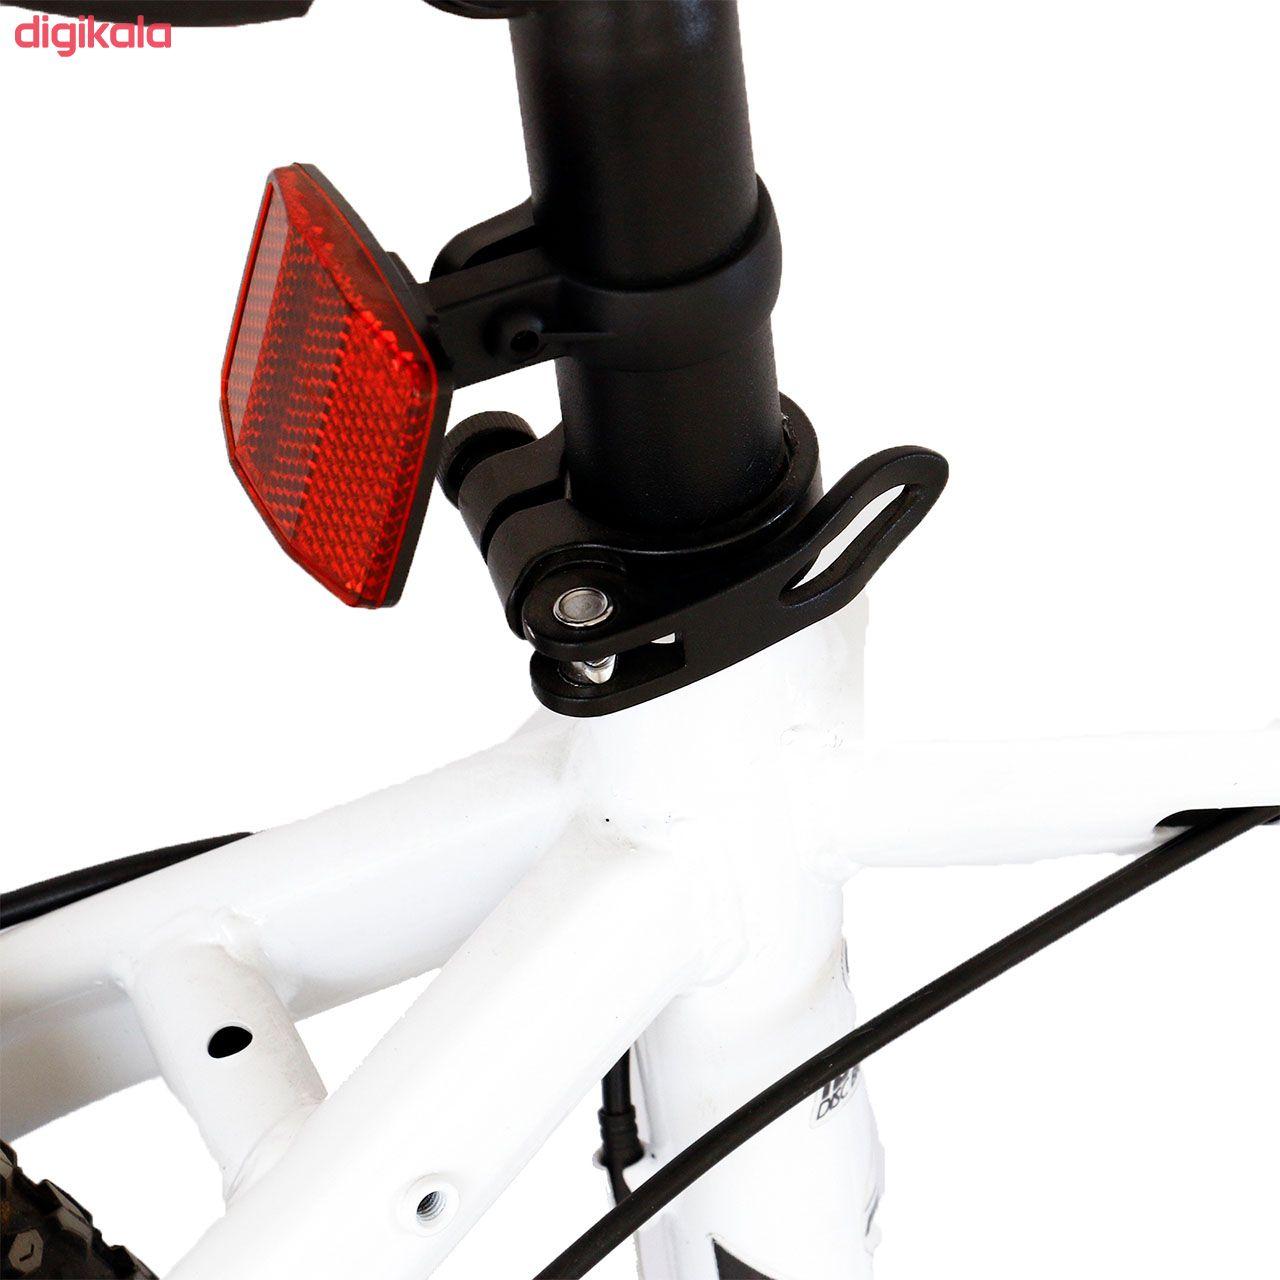 دوچرخه کوهستان کراس مدل PULSE سایز 27.5 main 1 9